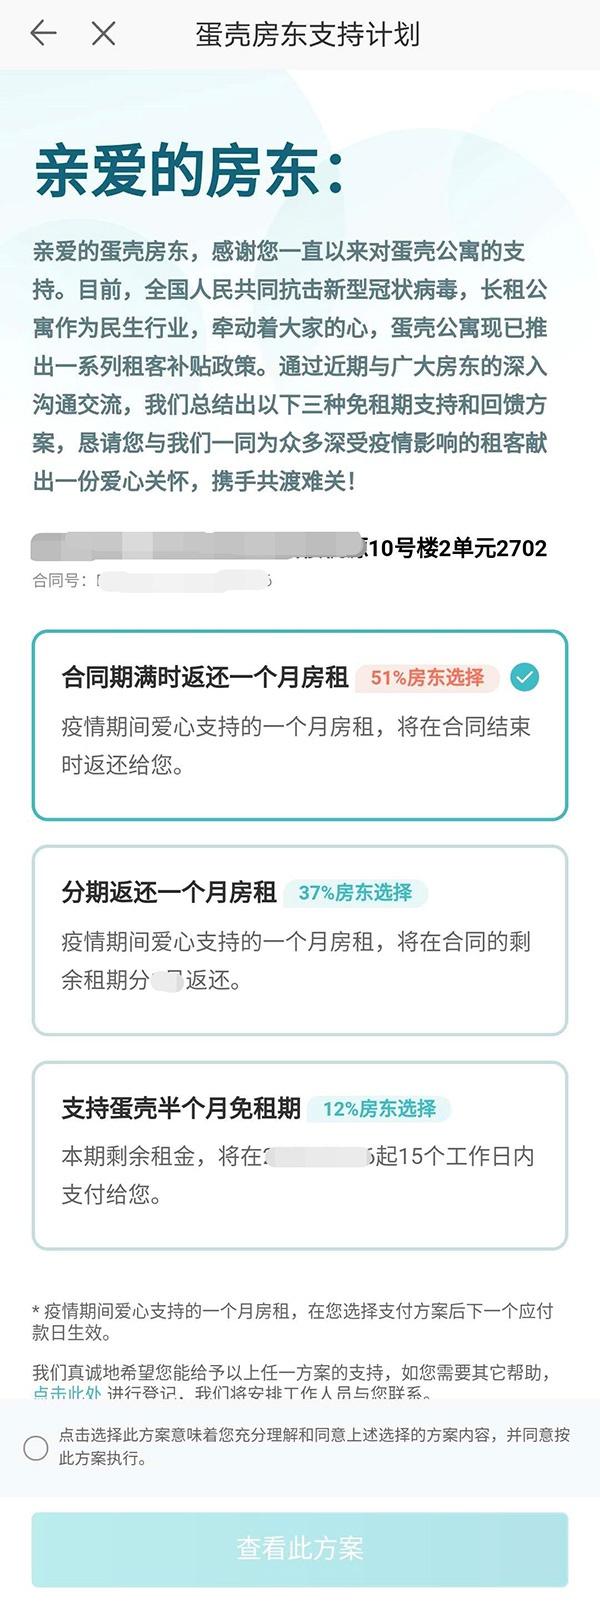 深圳政府两次介入后 蛋壳公寓宣布将分期返还房东免租期房租图片